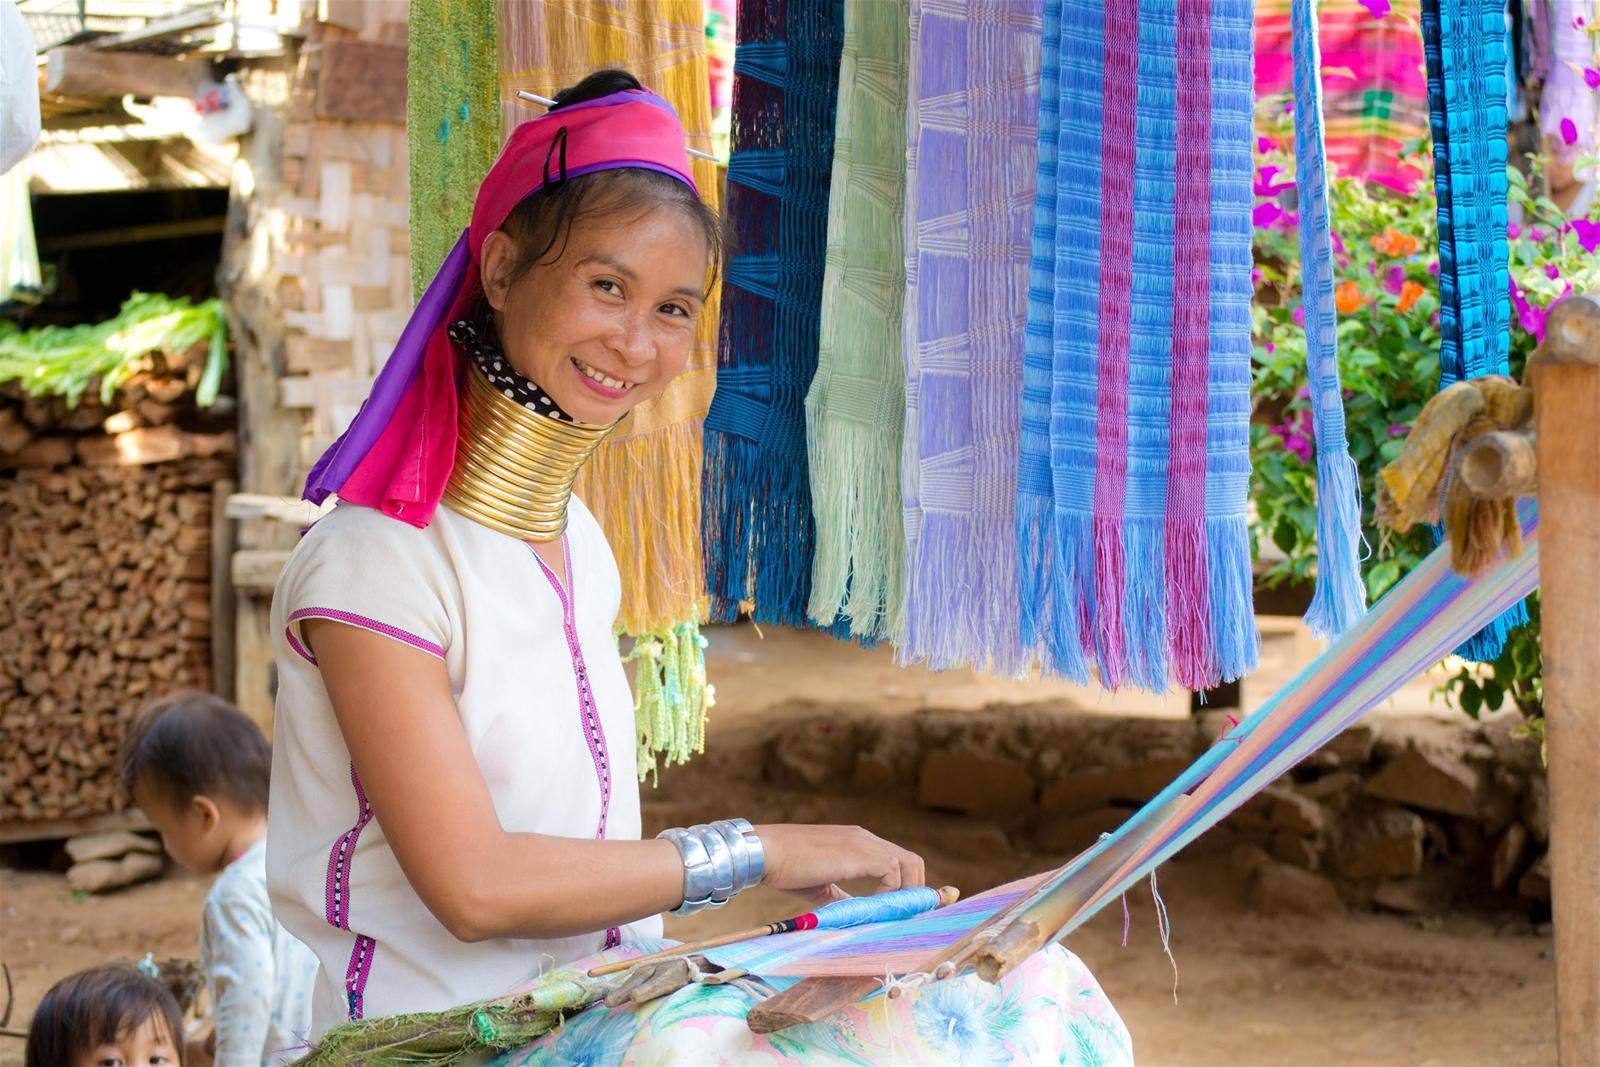 Những người phụ nữ trong làng cổ dài Karen phải đeo vòng cổ từ bé, mỗi năm thêm 1 chiếc